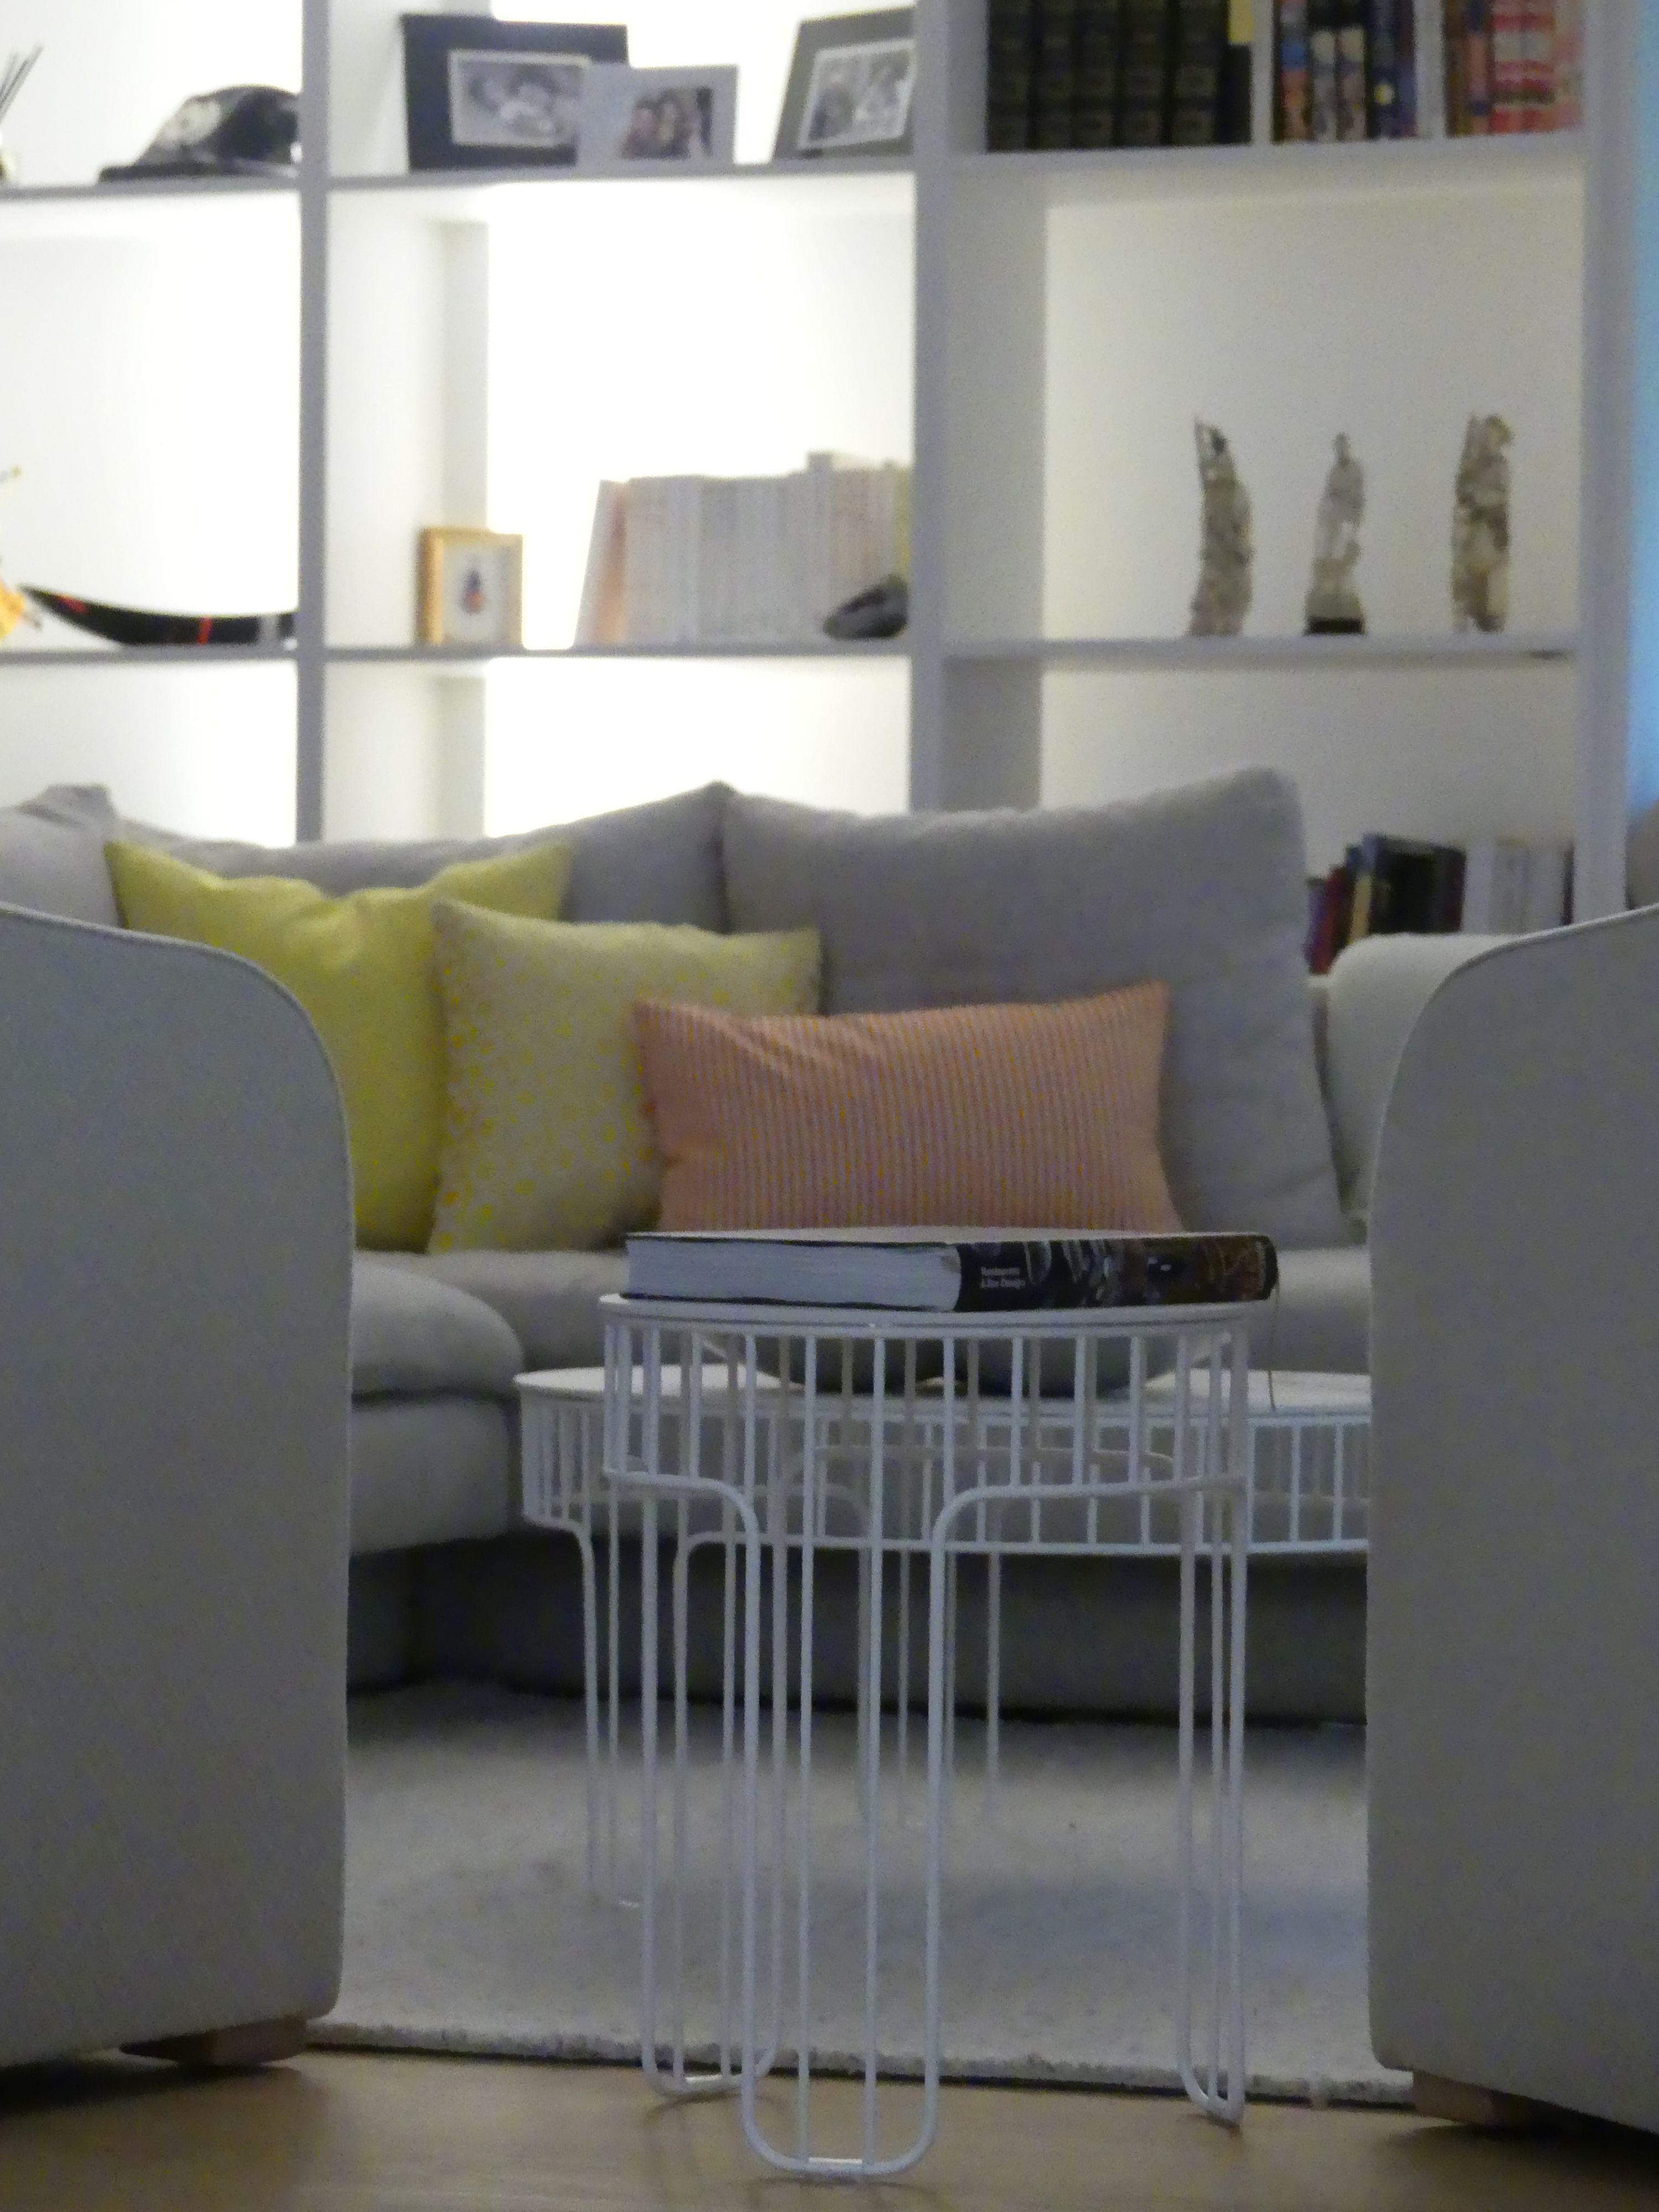 Salon graphique, filaire, dans une chromatique gris, citron et nude ...